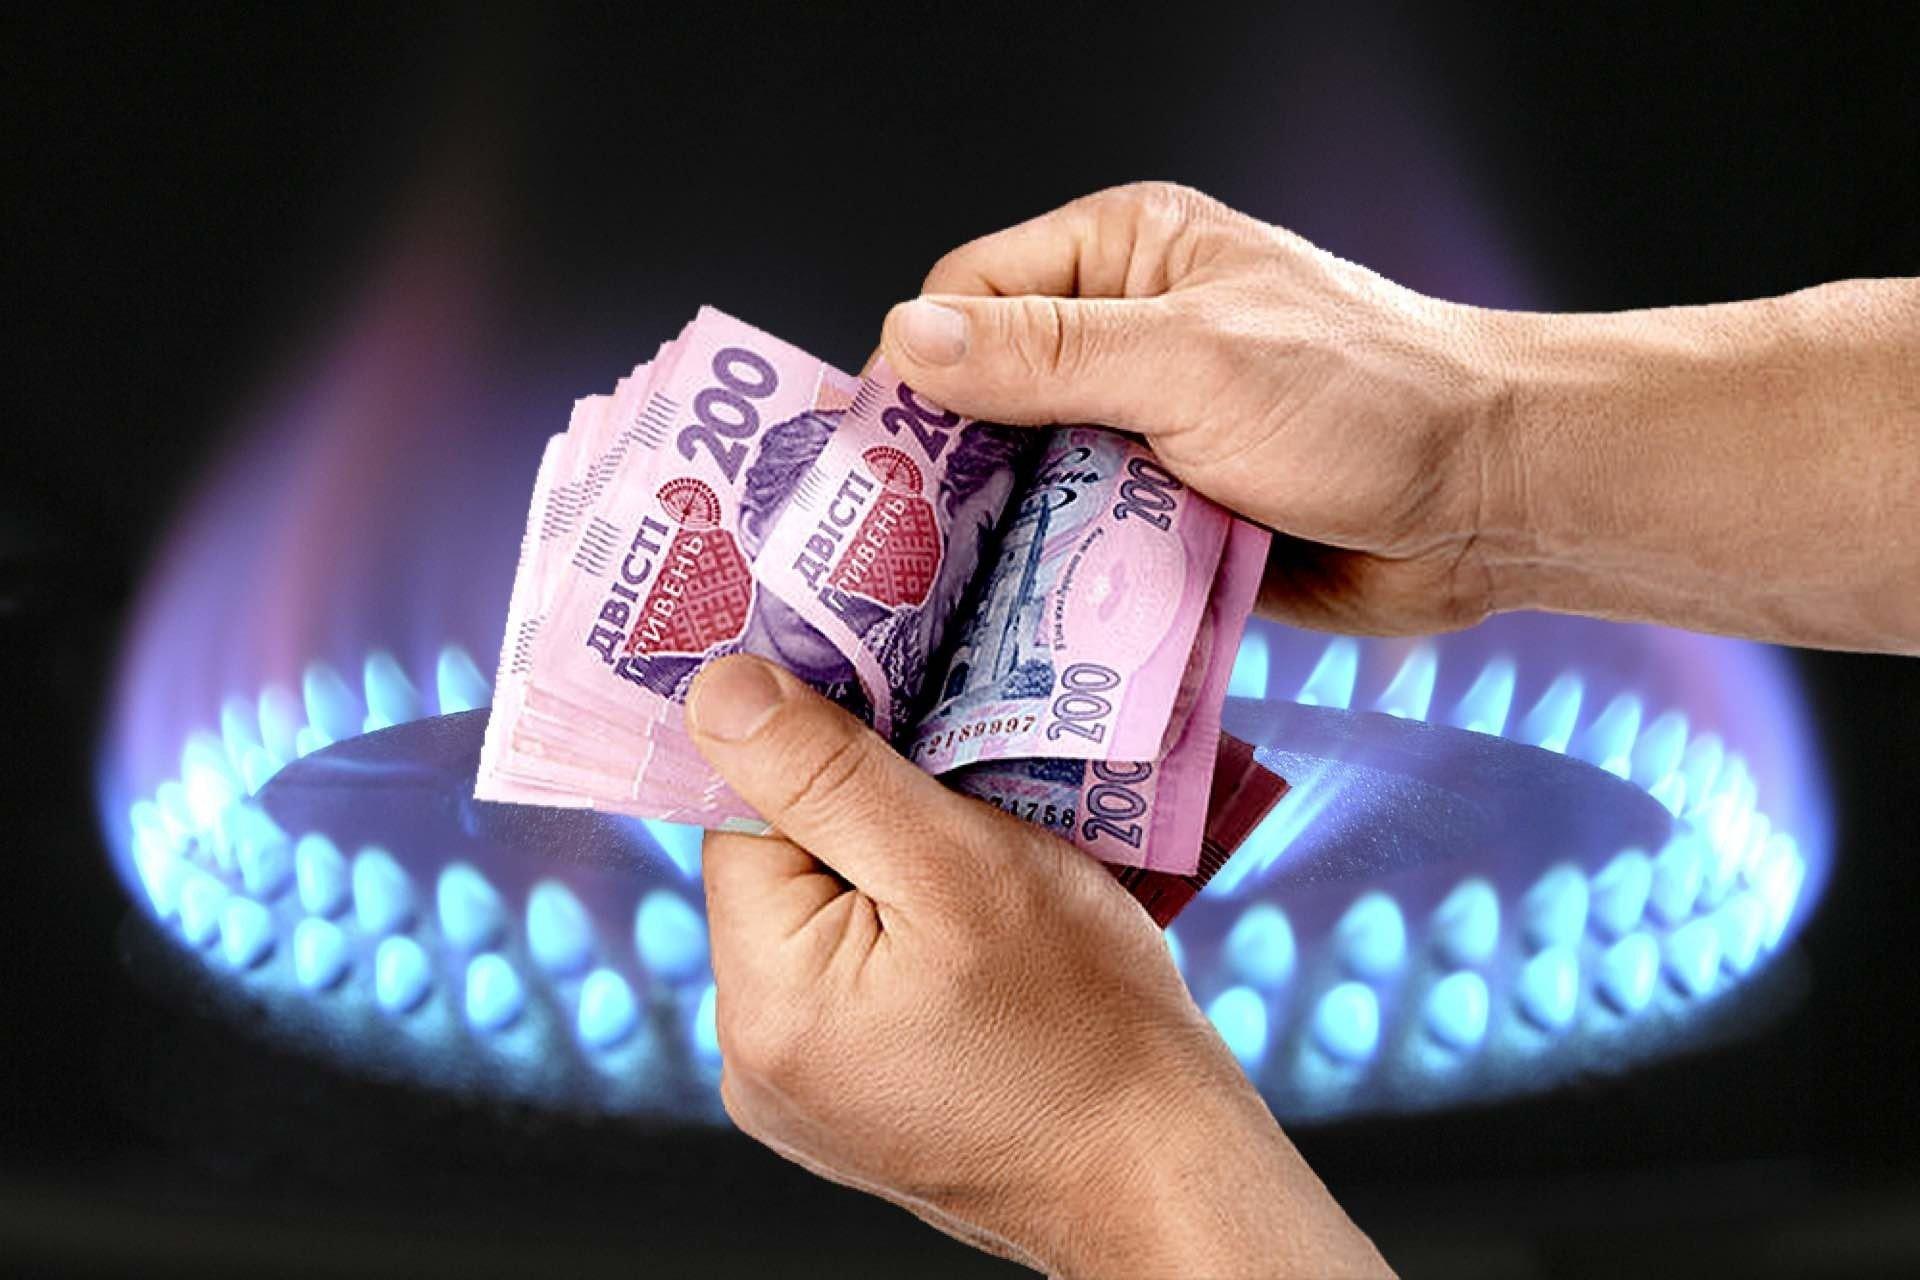 В Україні збільшаться тарифи на опалення до 40%. Скільки українці сплачуватимуть за комунальні послуги?